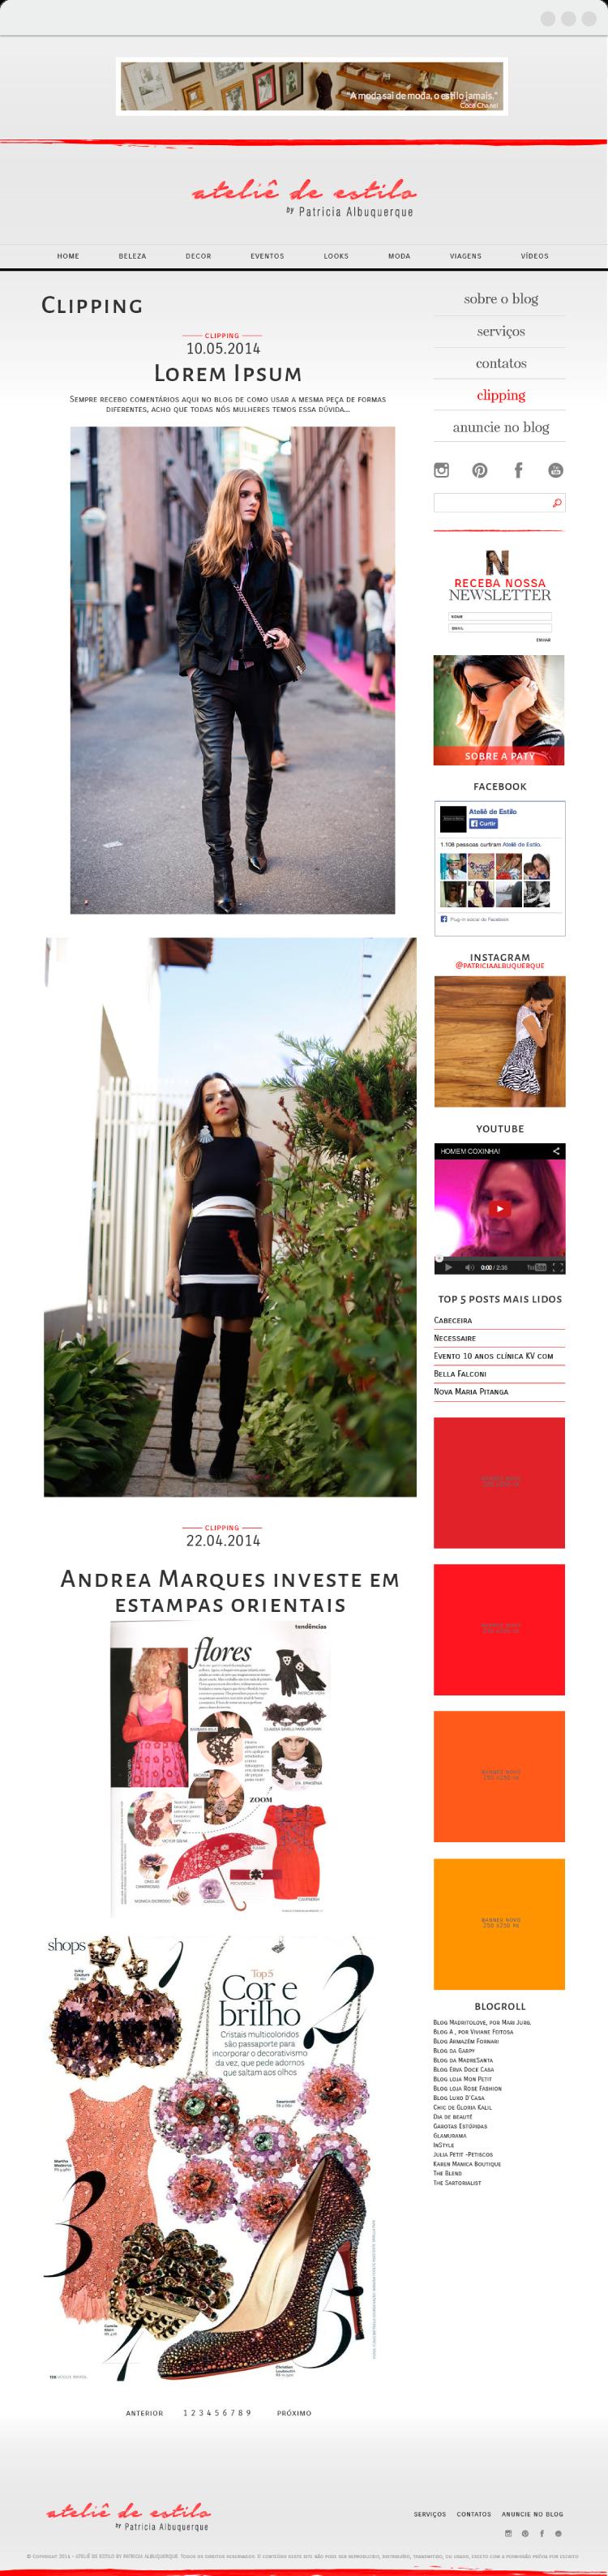 atelie_de_estilo_site2